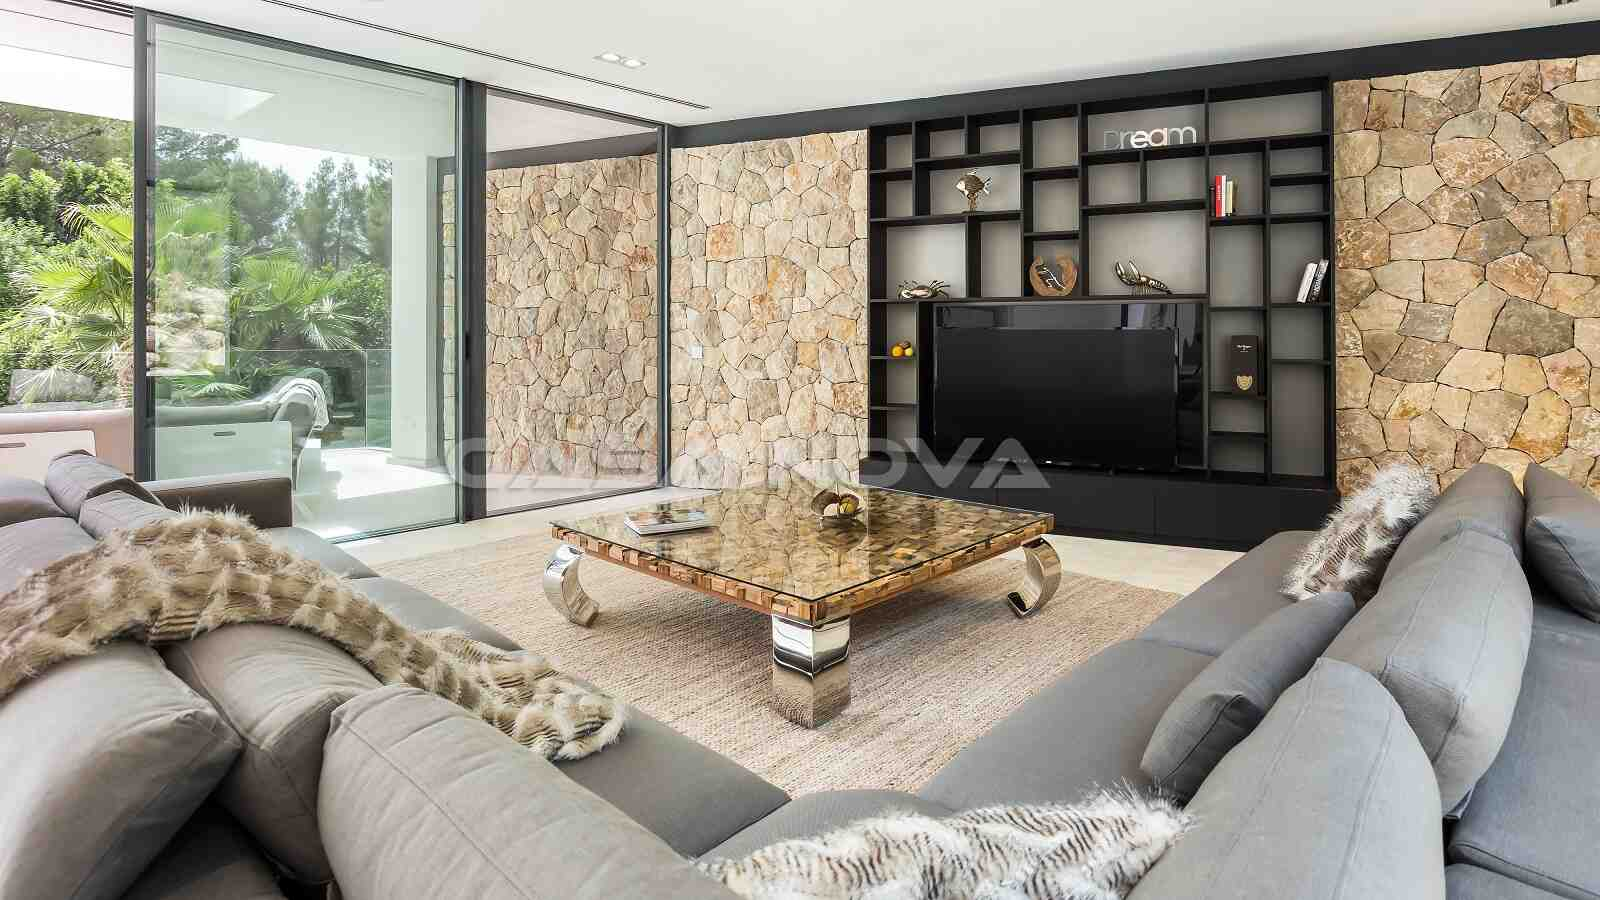 Modernes Wohnzimmer mit Steinverkleidung